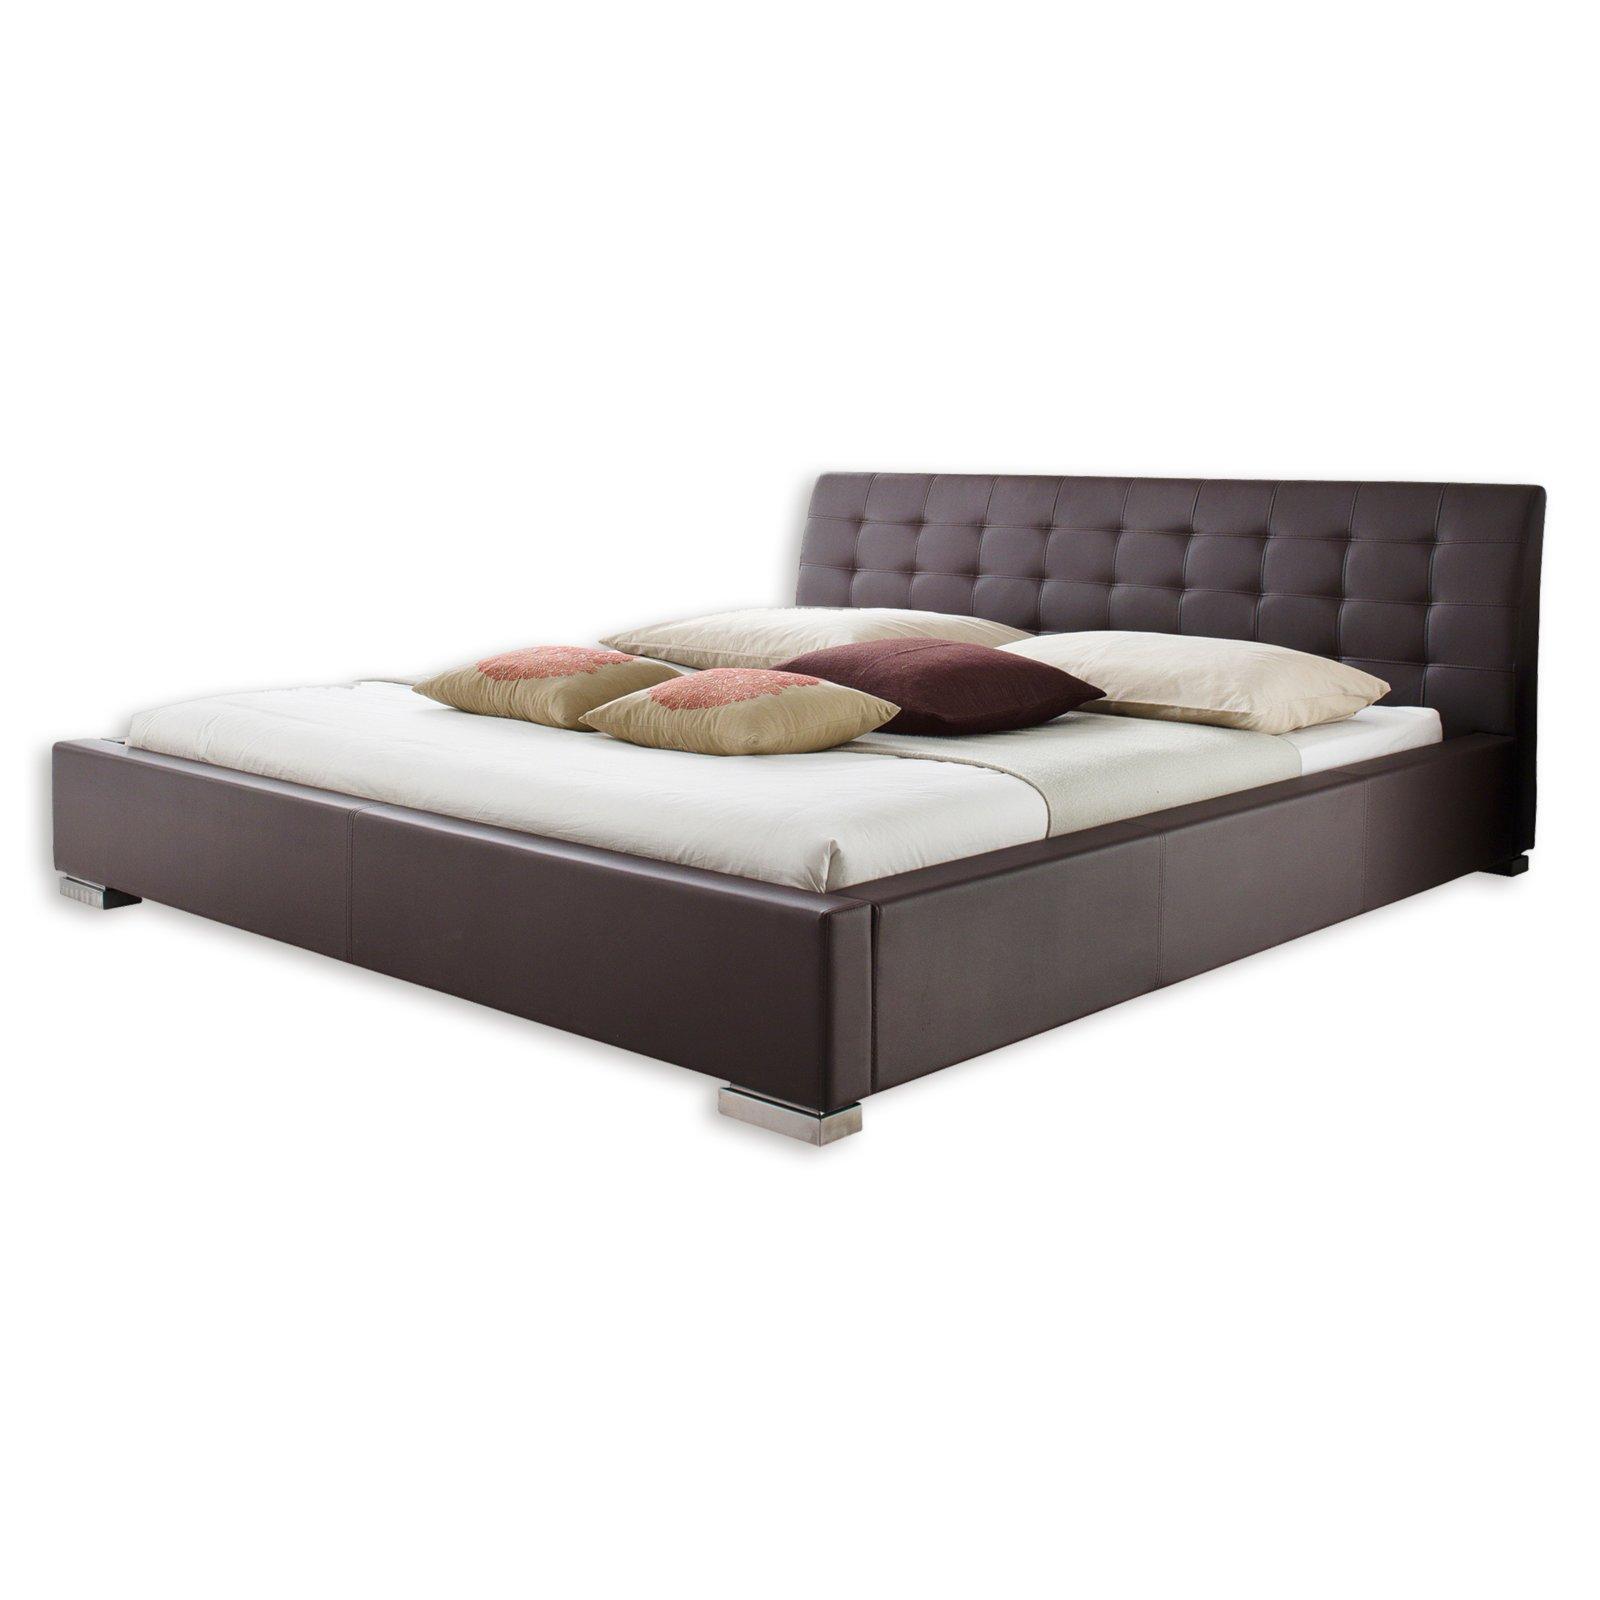 polsterbett isa braun kunstleder 200x200 cm bettgestelle betten m bel roller. Black Bedroom Furniture Sets. Home Design Ideas